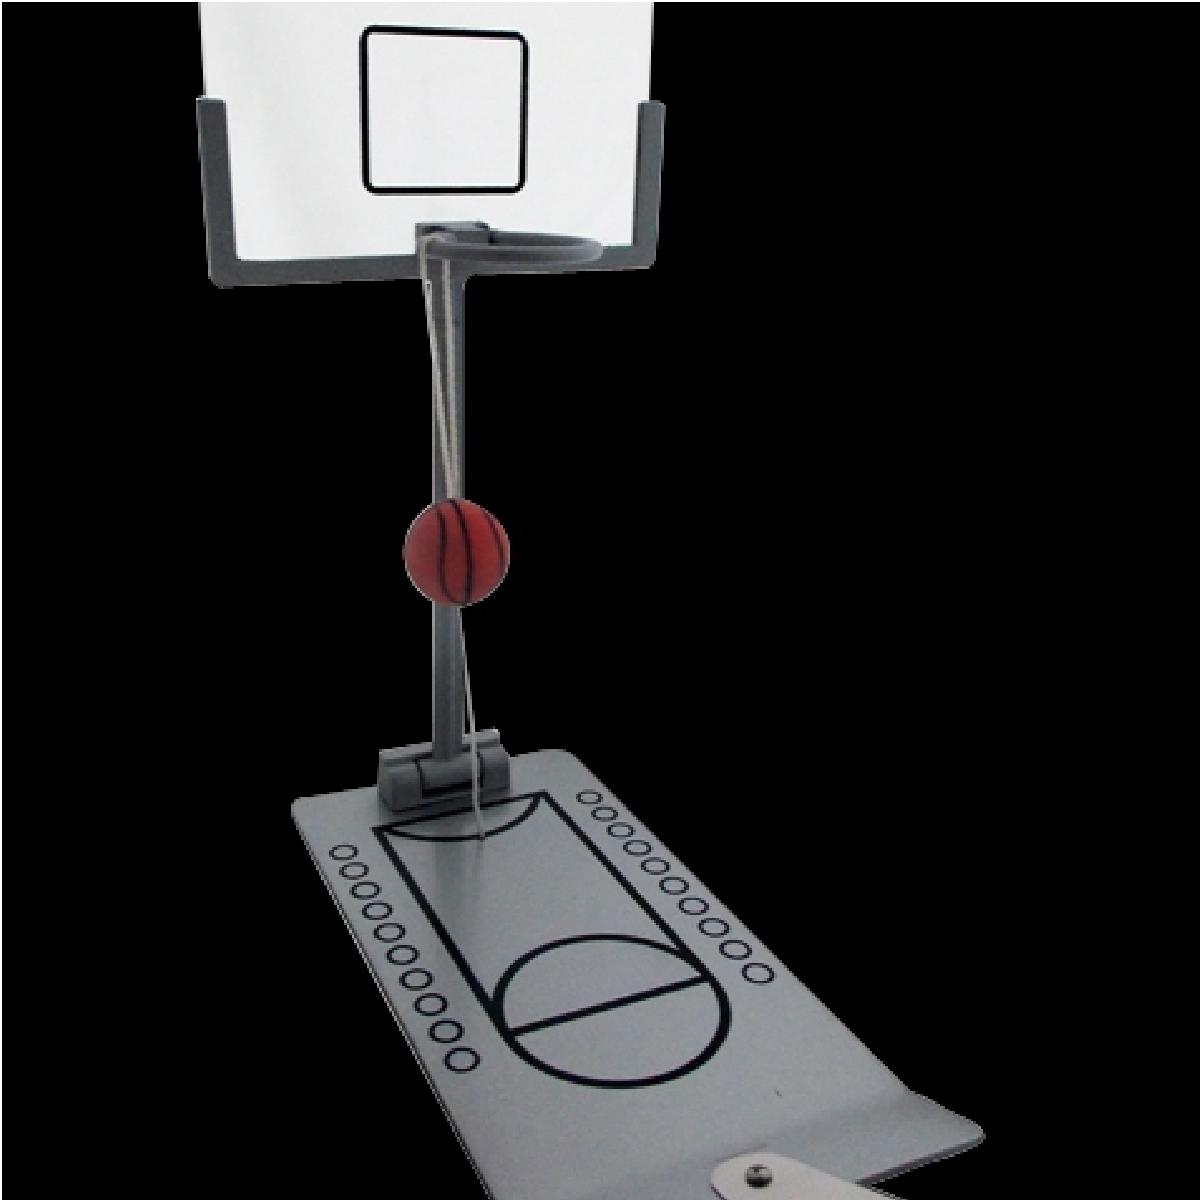 cadeaux 2 ouf id es de cadeaux insolites et originaux un mini panier de basket pour le bureau. Black Bedroom Furniture Sets. Home Design Ideas